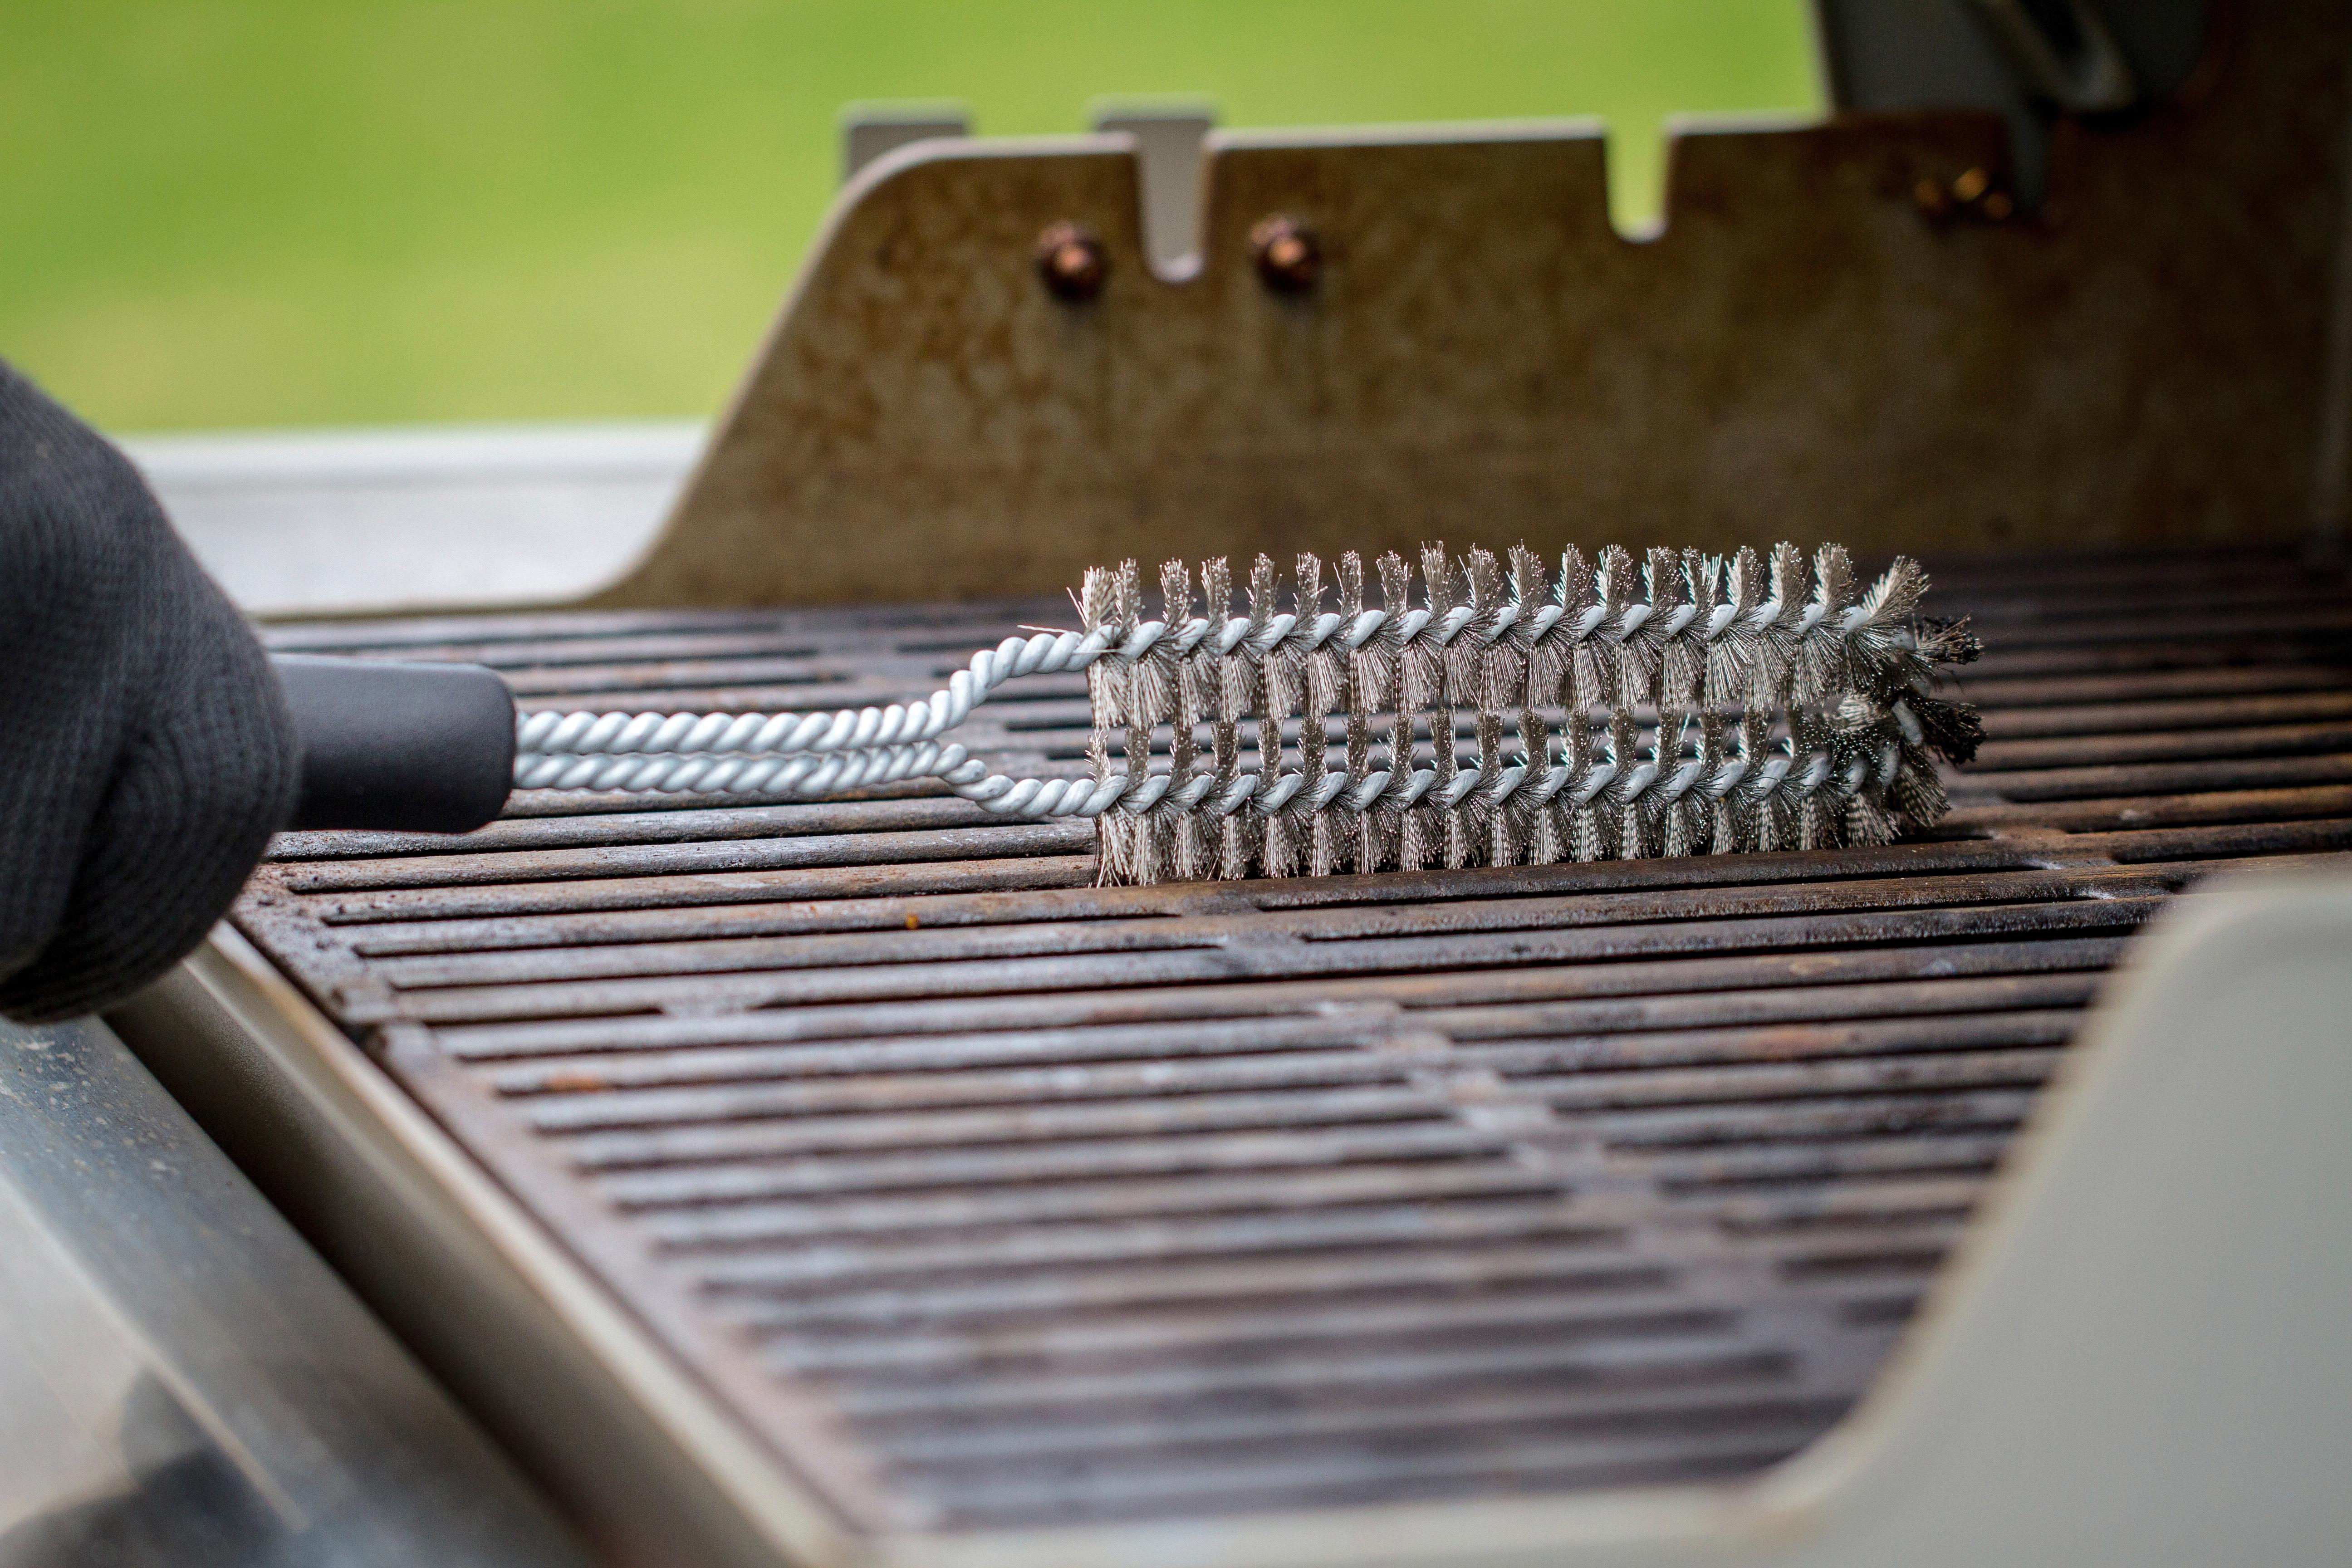 Conseils et techniques pour nettoyer un barbecue (gaz